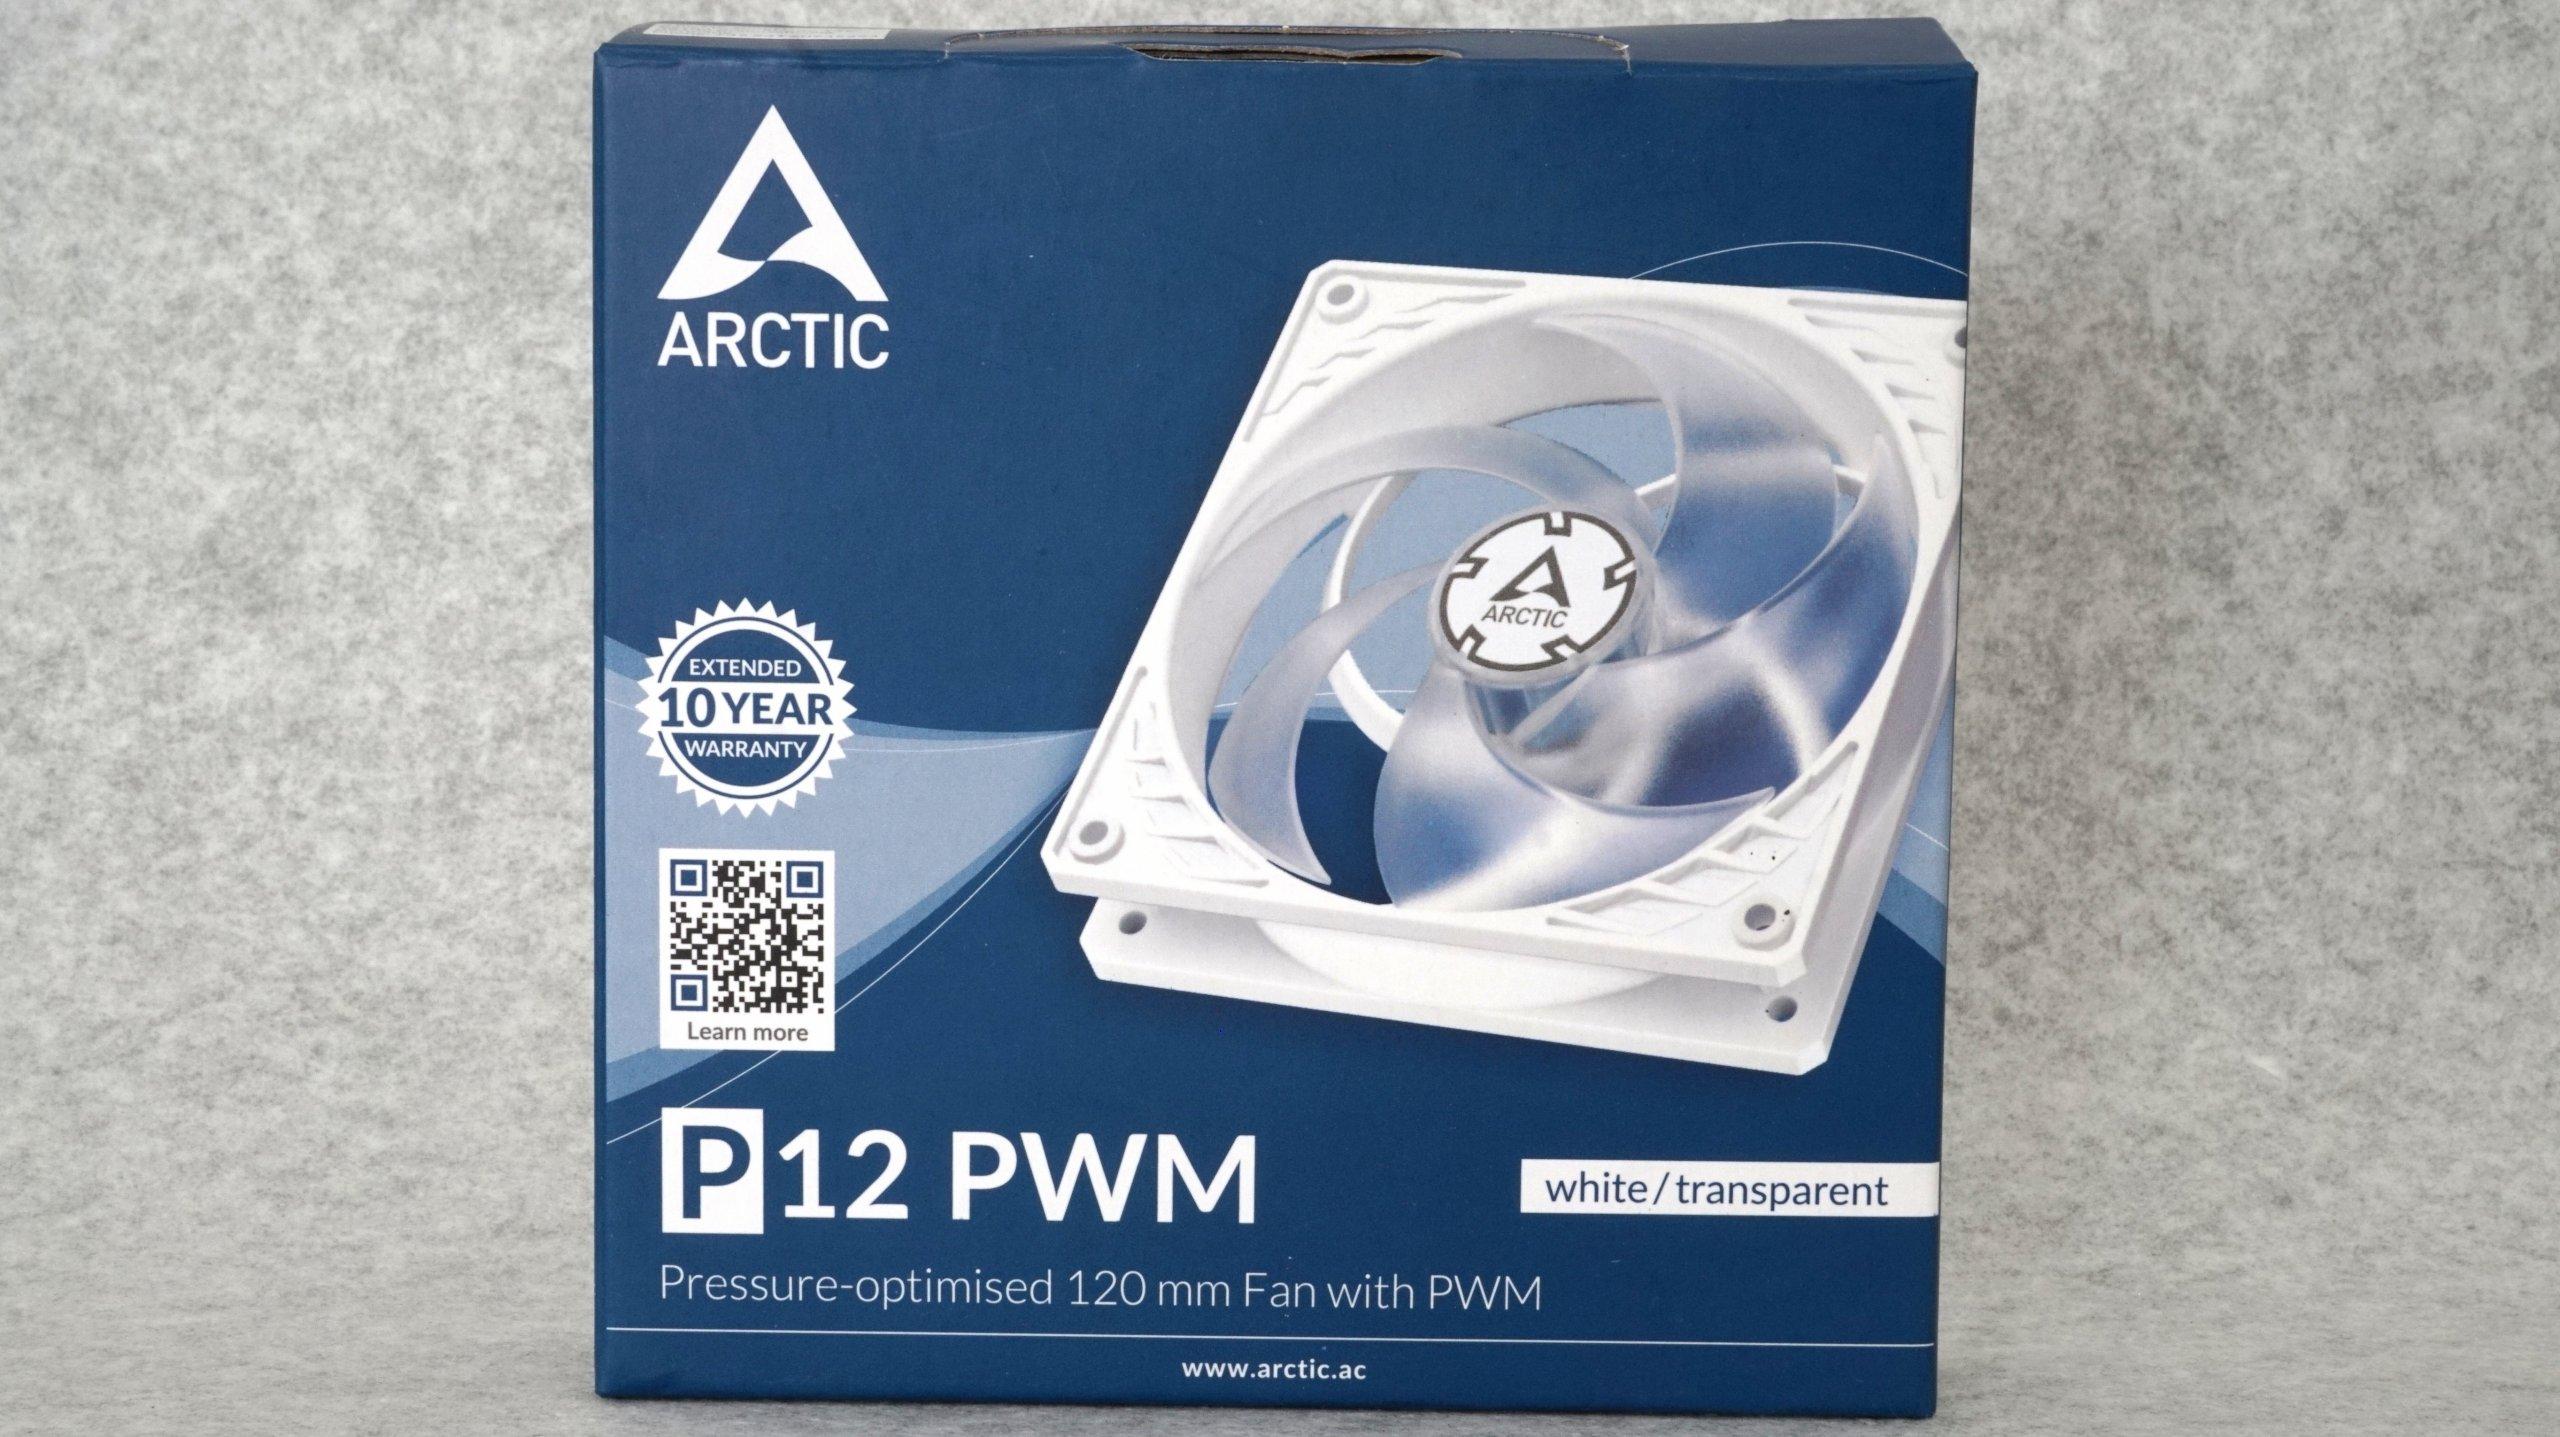 Der Budget-König: Arctic P12 PWM Gehäuselüfter im Test - Preiswert schlägt teuer (fast)!